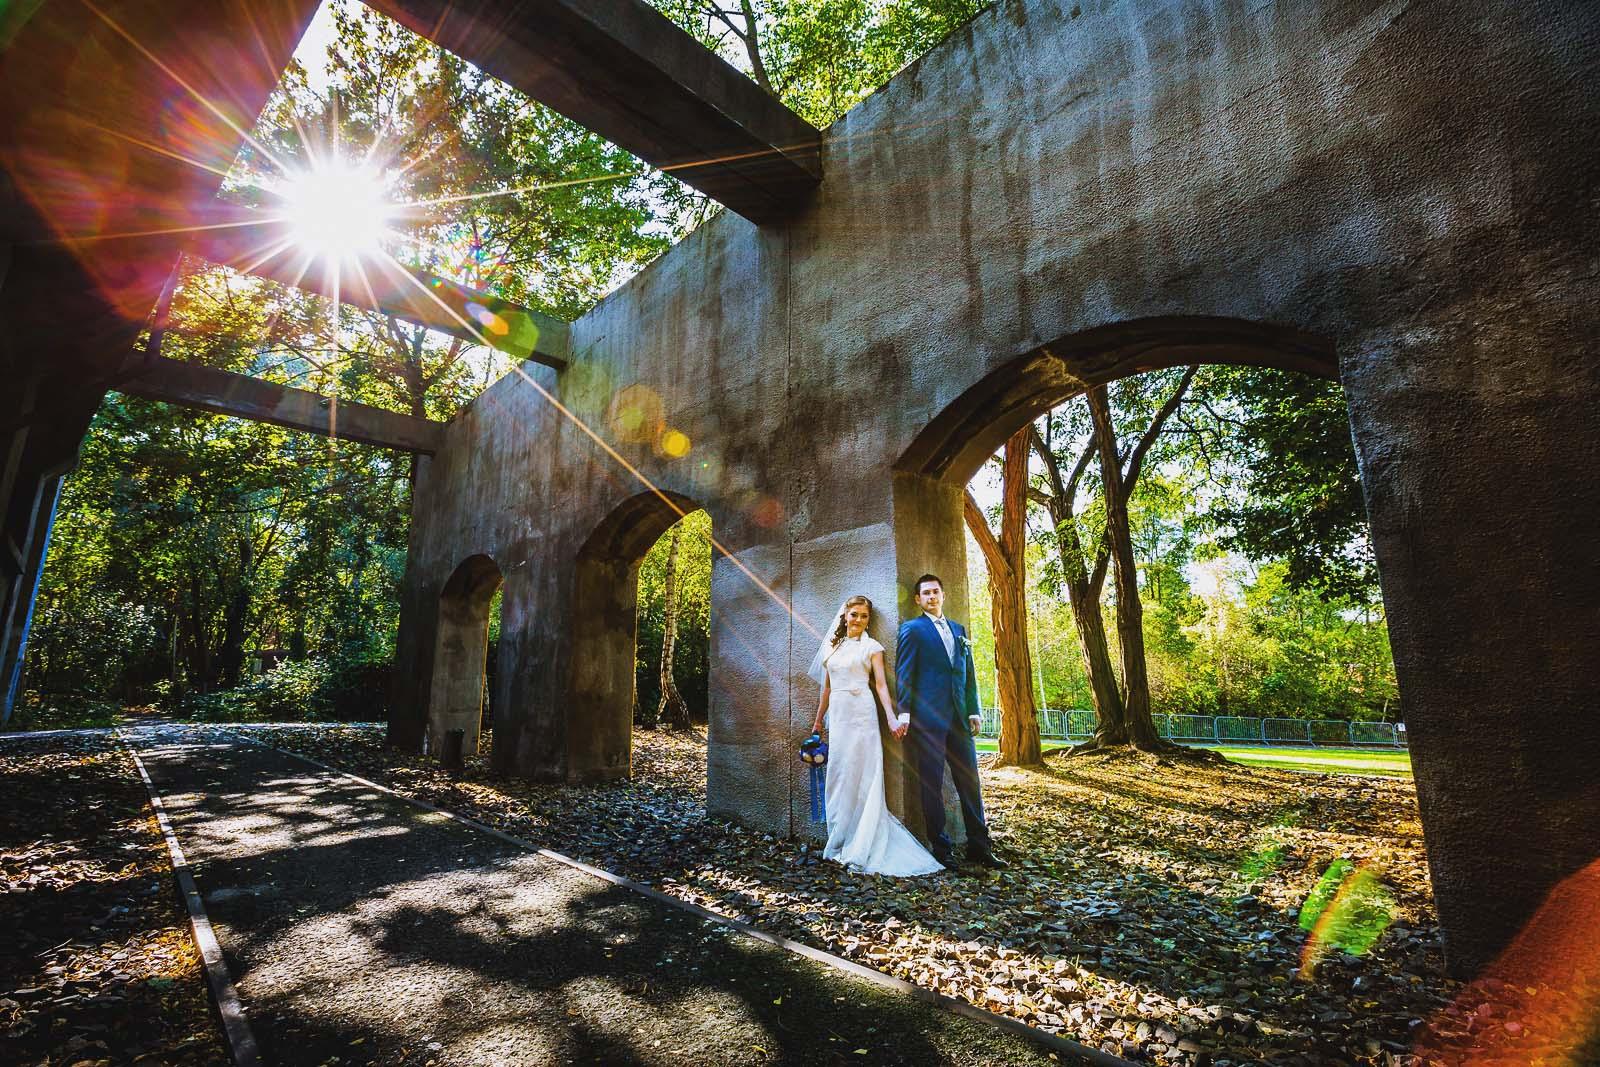 Hochzeitsfotograf fotografiert ein Brautpaar in Berlin Copyright by Hochzeitsfotograf www.berliner-hochzeitsfotografie.de